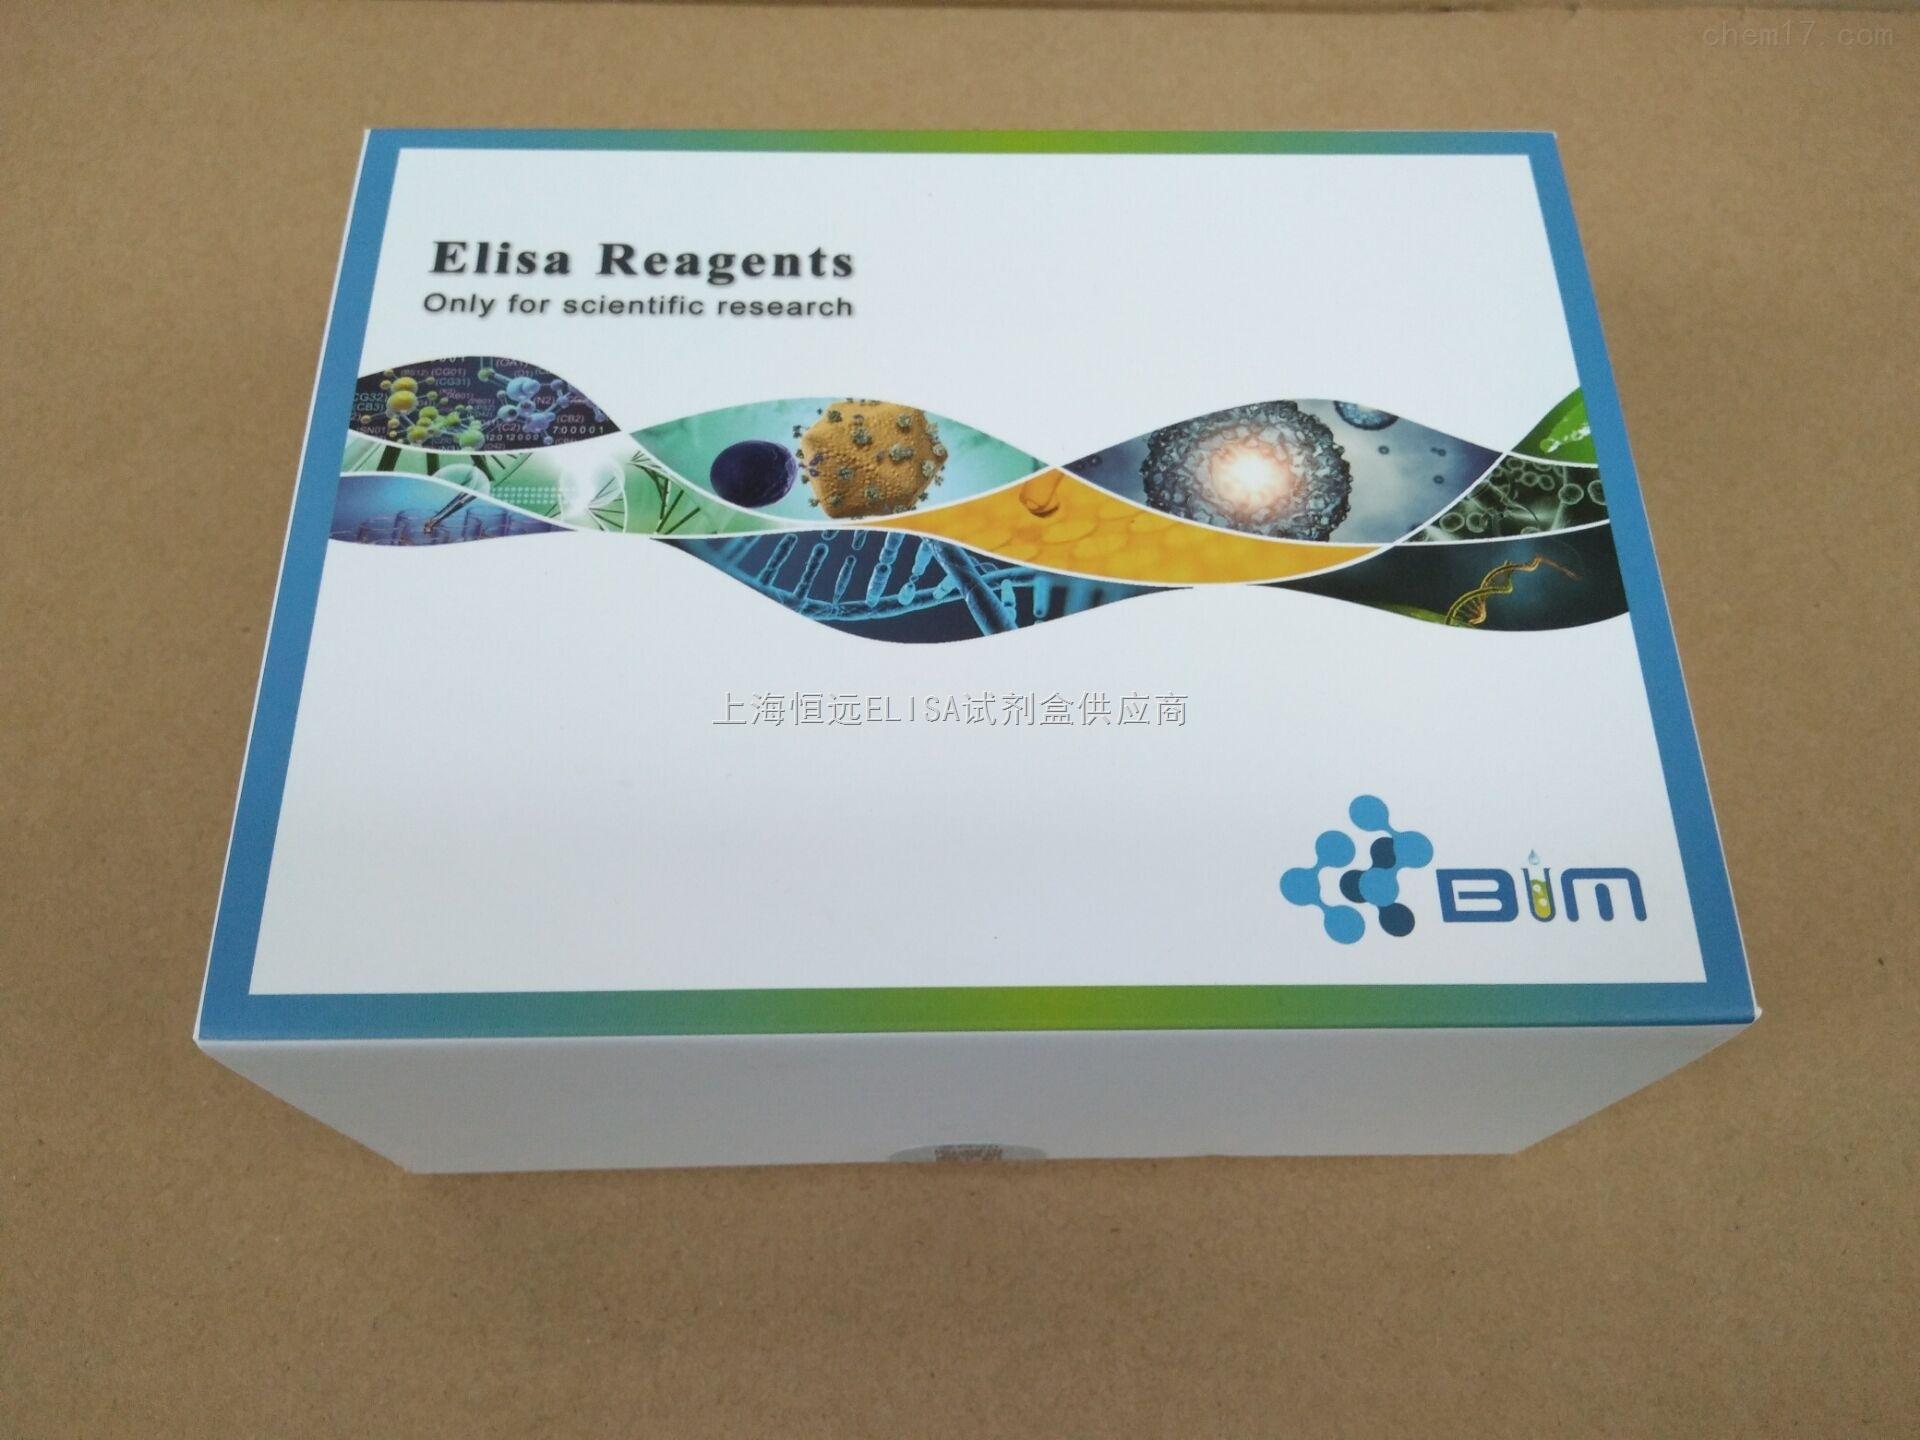 FGF-23,BIM大鼠成纤维细胞生长因子23 ELISA试剂盒